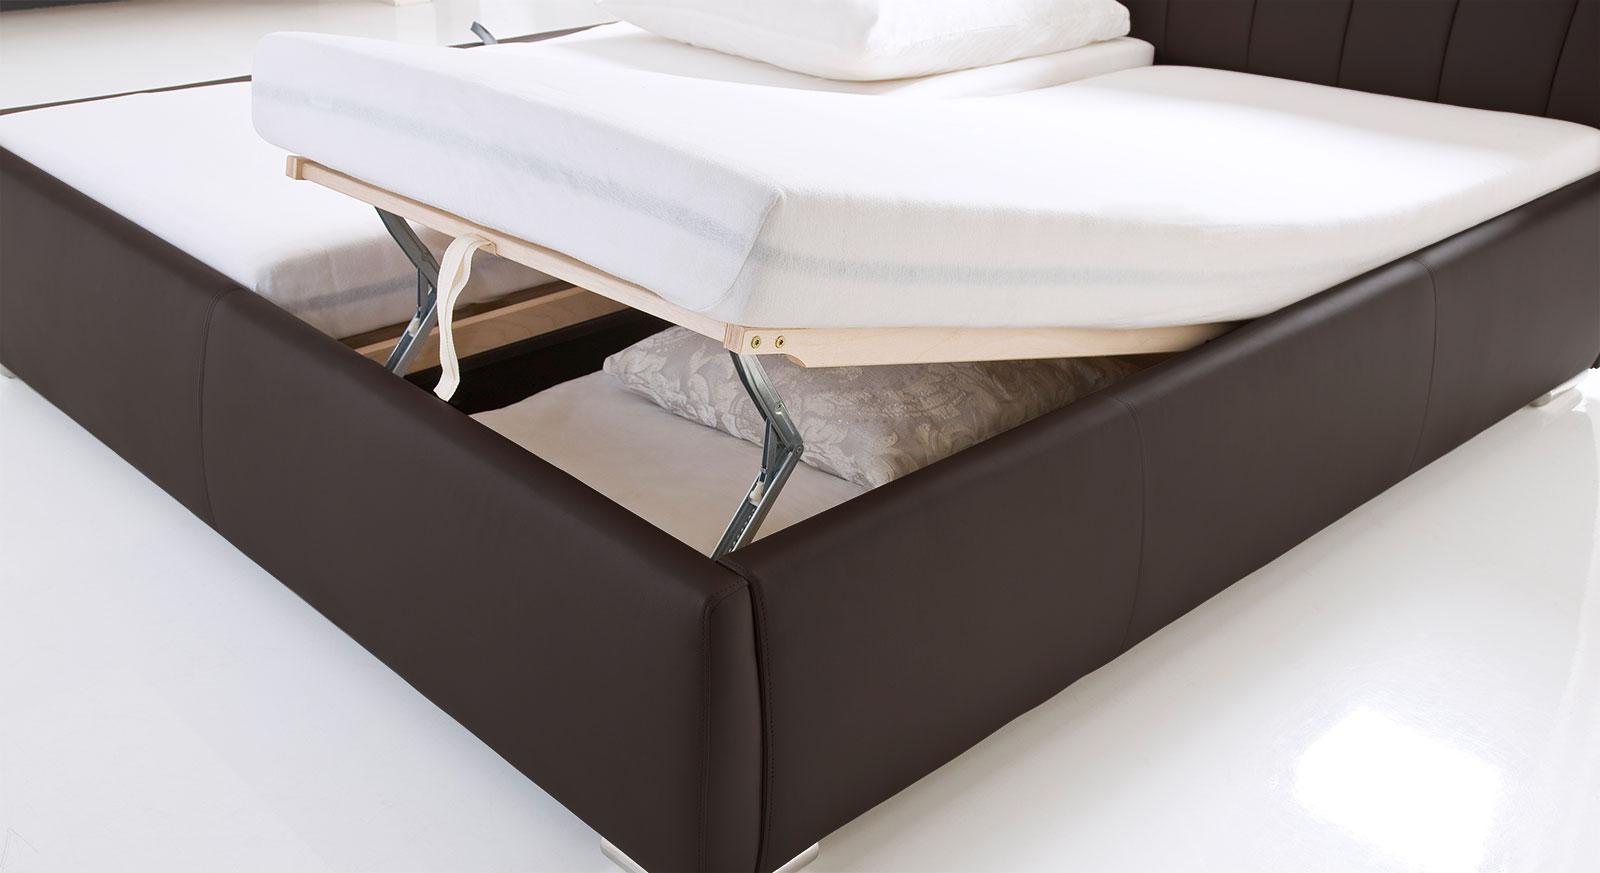 Polsterbett Lewdown mit Lattenrost und Bettkasten vorne